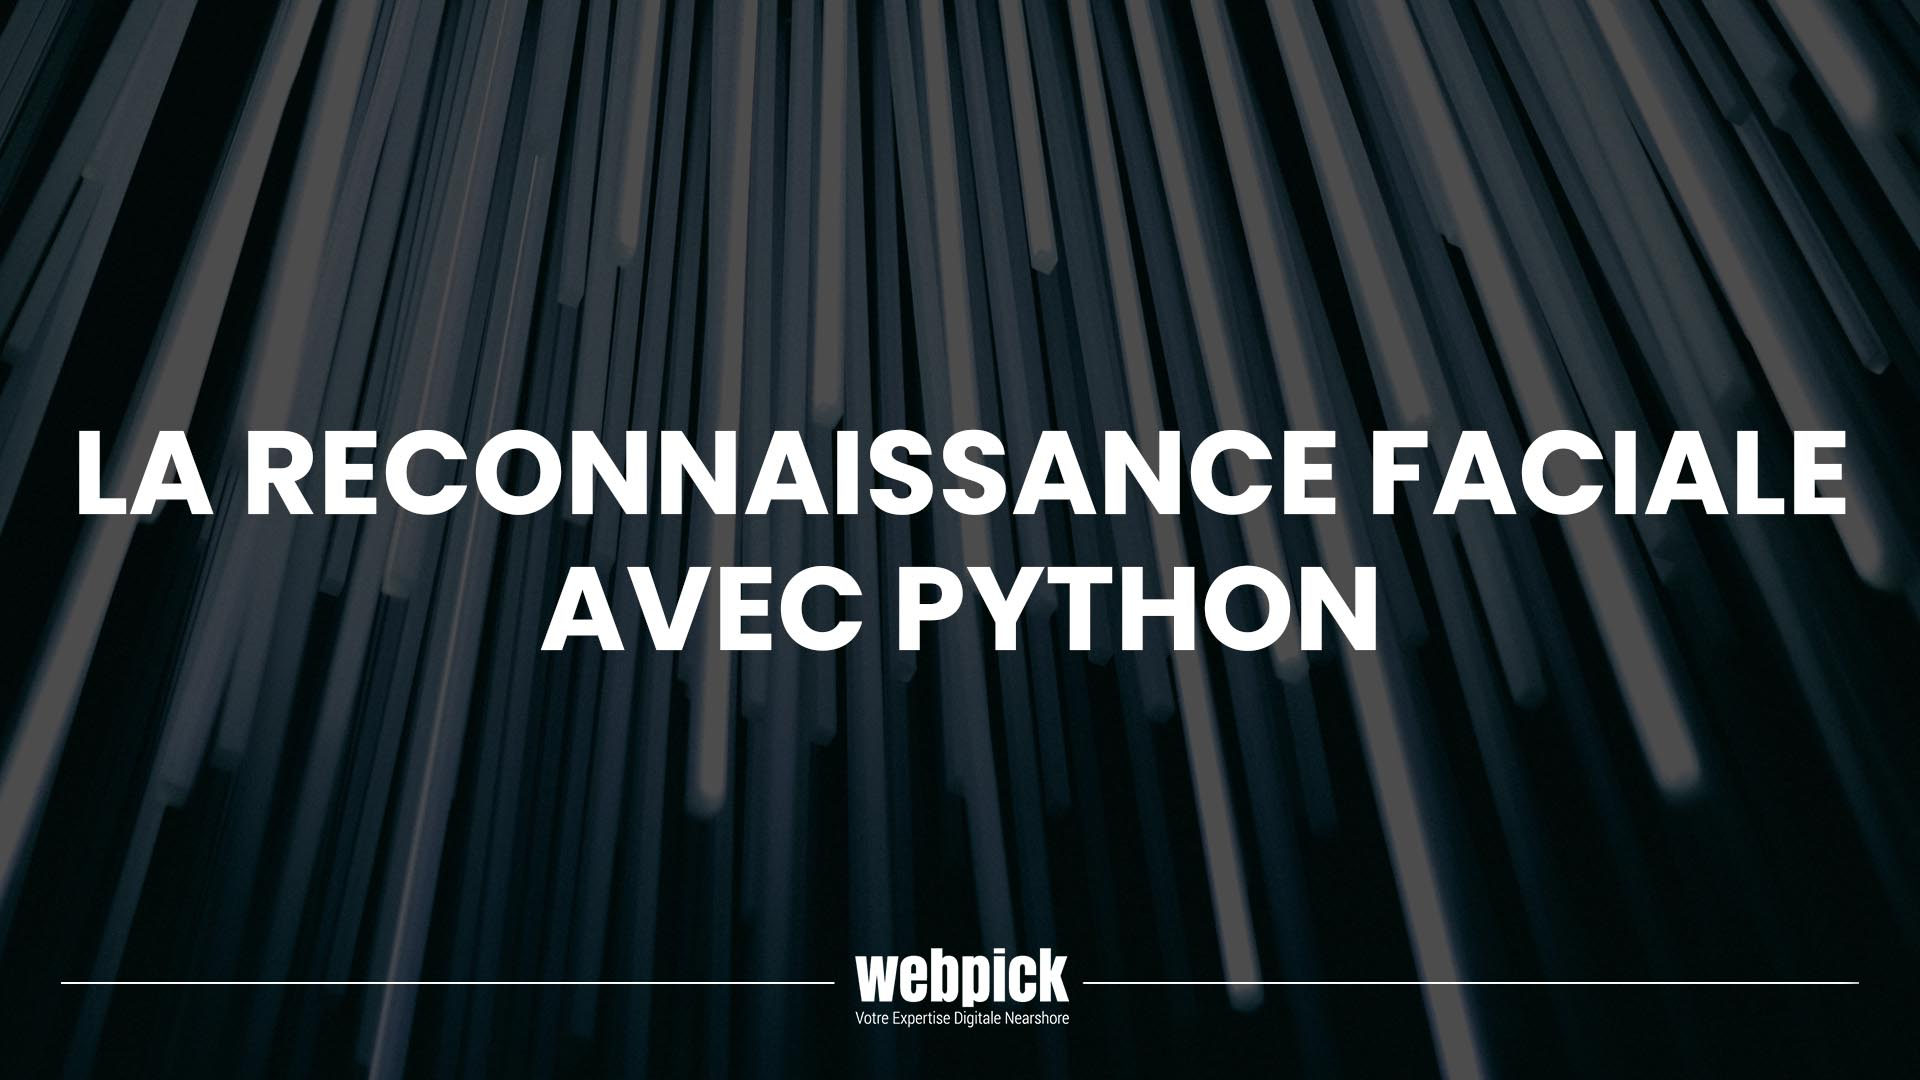 La Reconnaissance Faciale avec Python